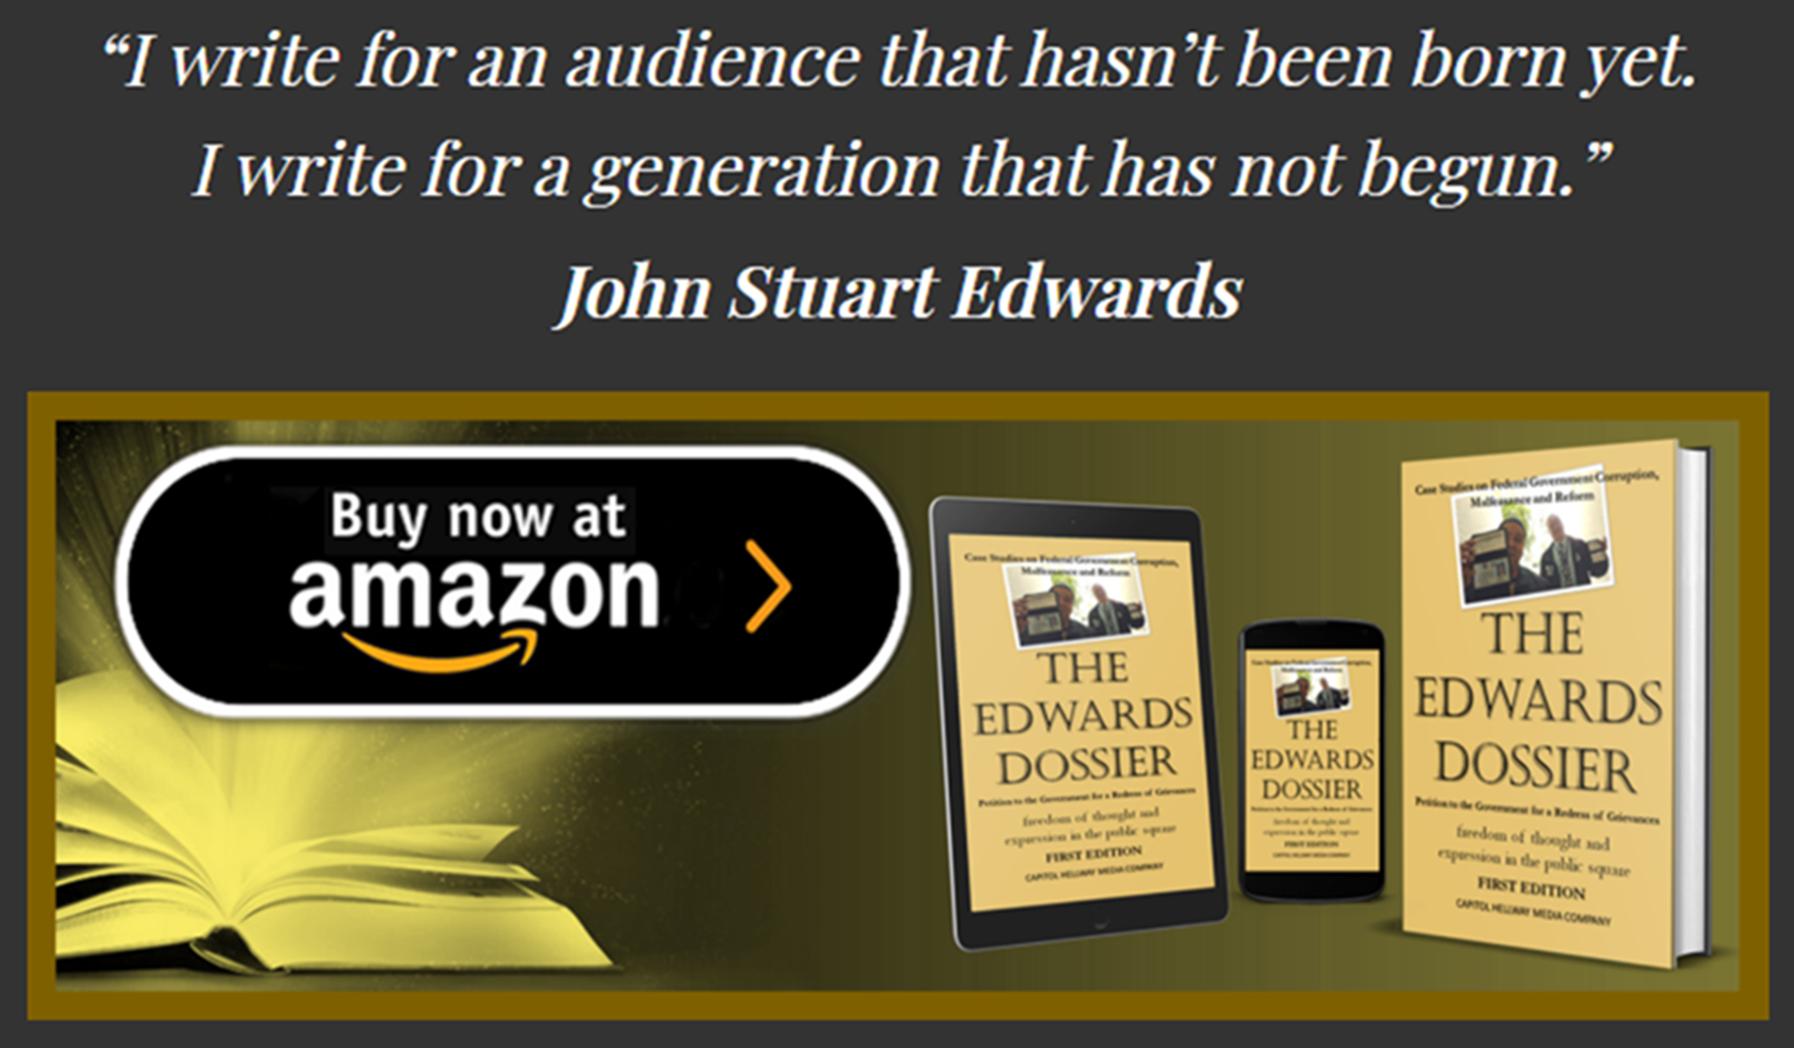 John Stuart Edwards